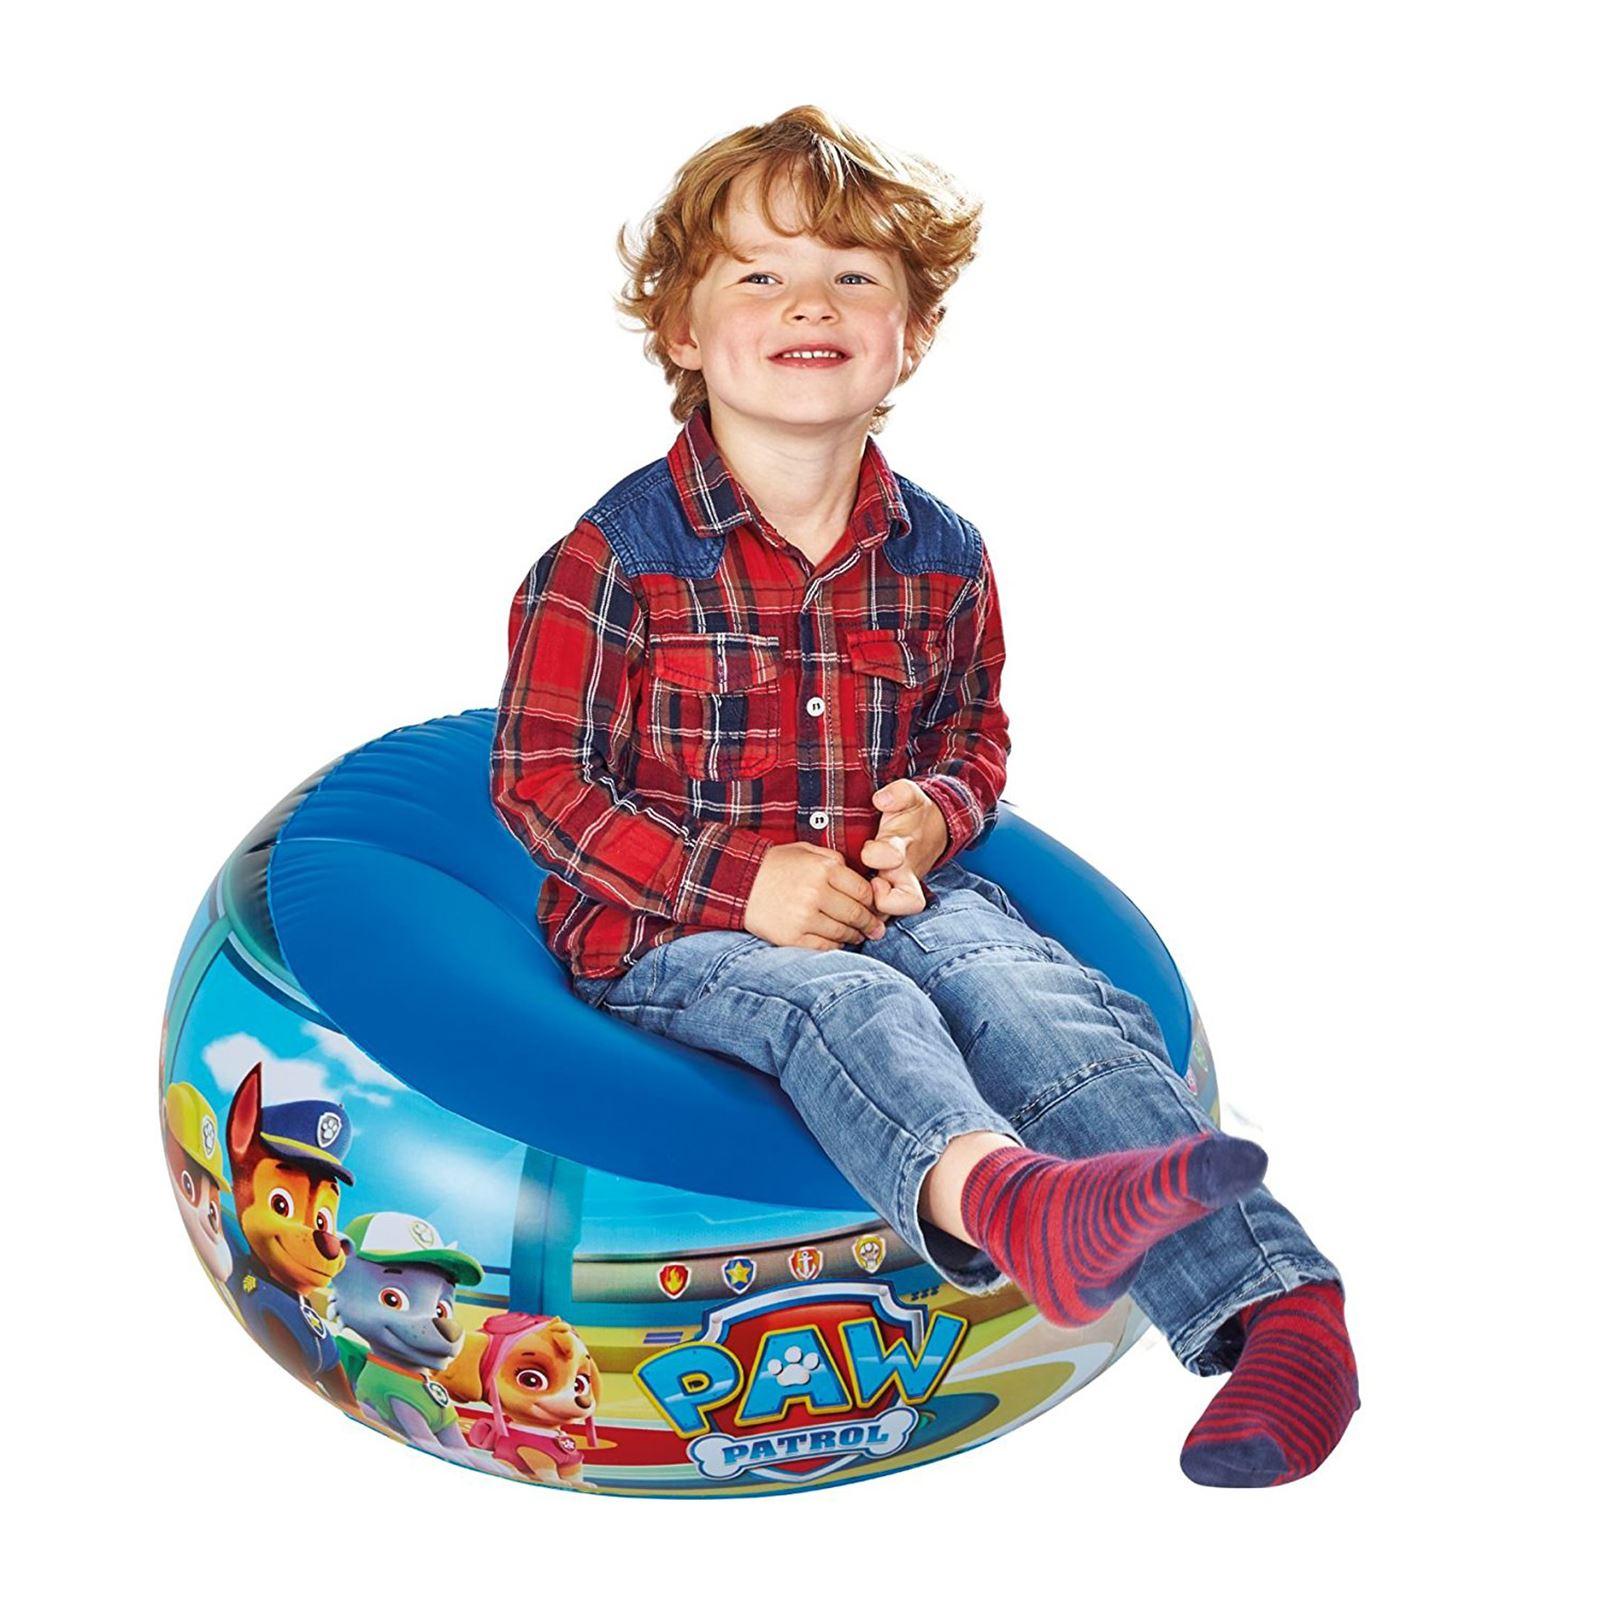 Indexbild 14 - Kinder Aufblasbarer Sessel - PAW PATROL, My LIttle Pony, Star Wars, Toy Story